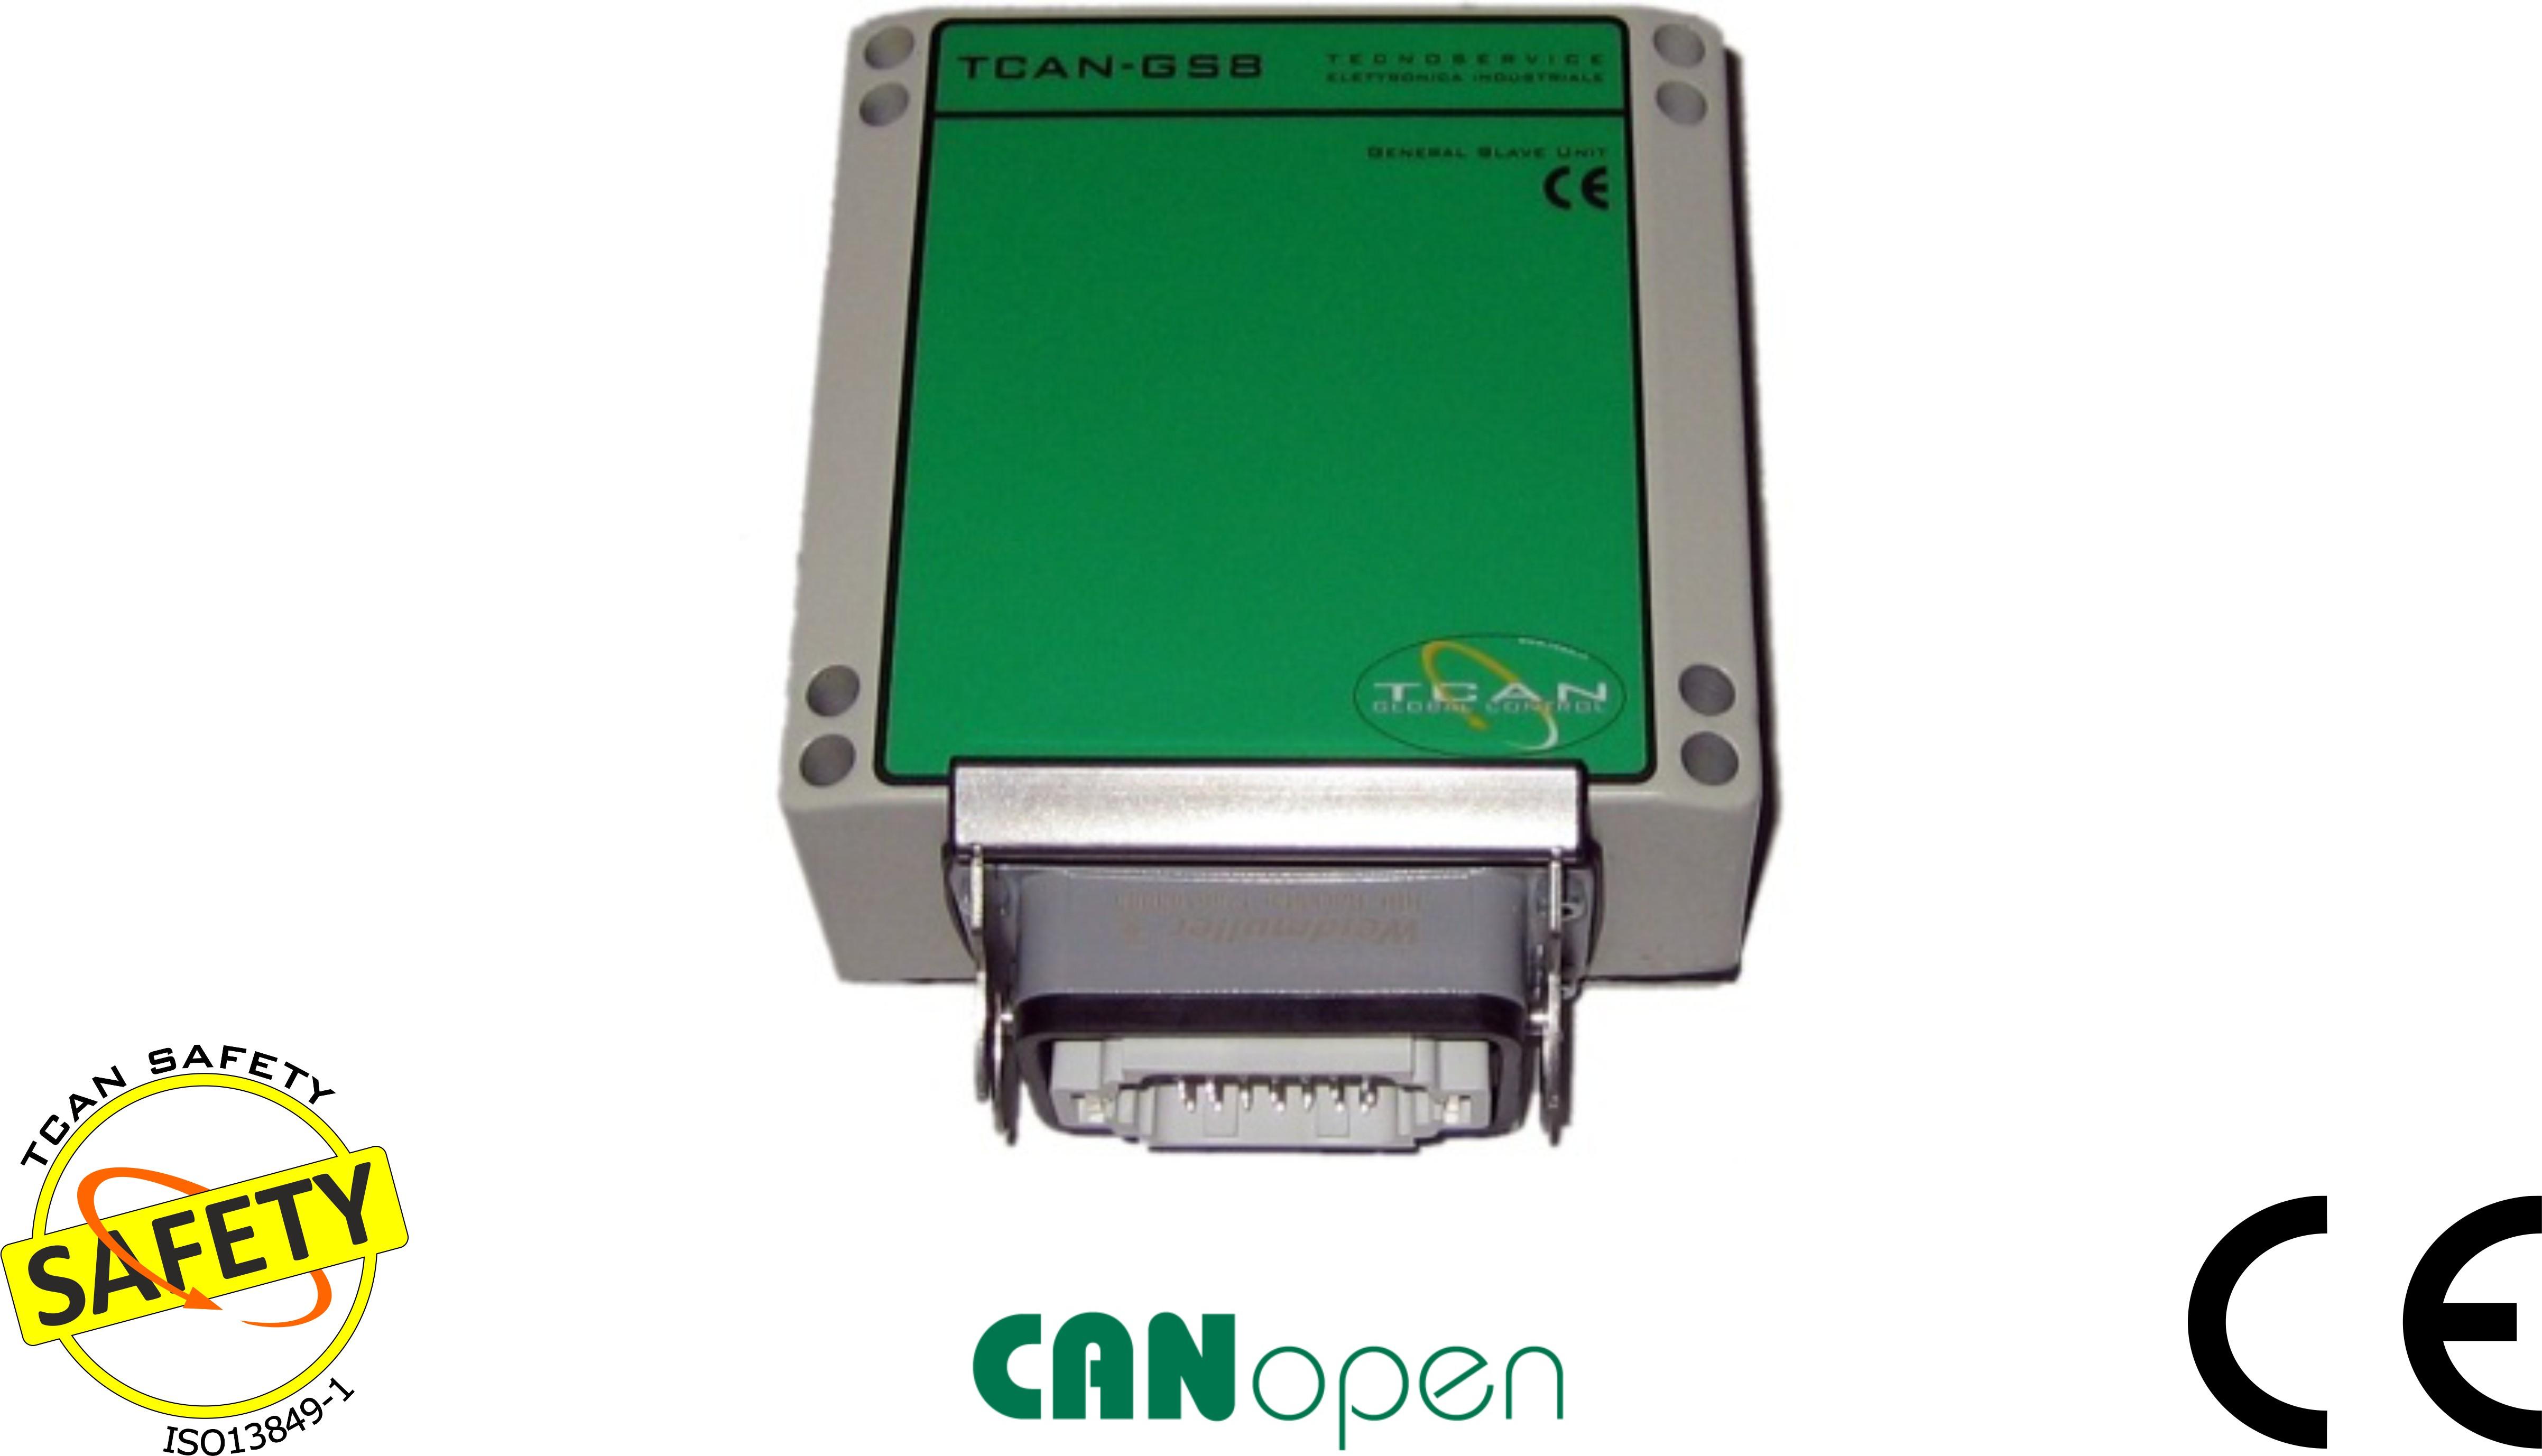 TCAN-GSU8S Image